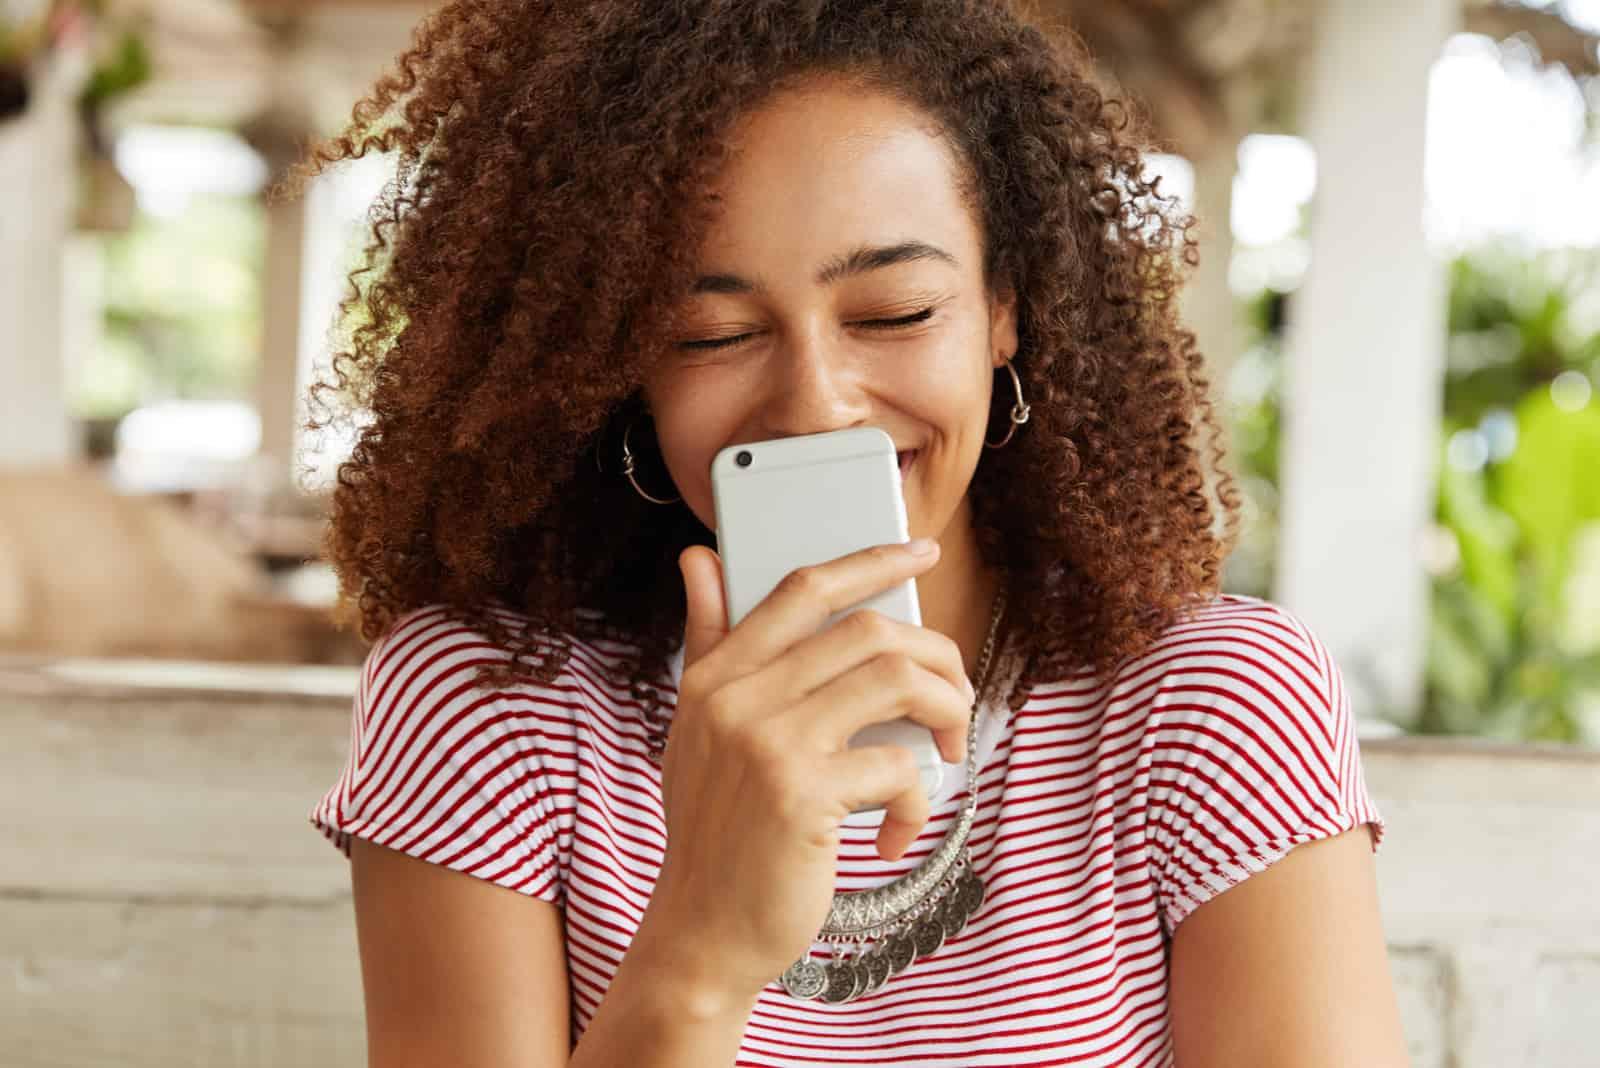 Die Frau weint vor Glück, als sie das Telefon in der Hand hält